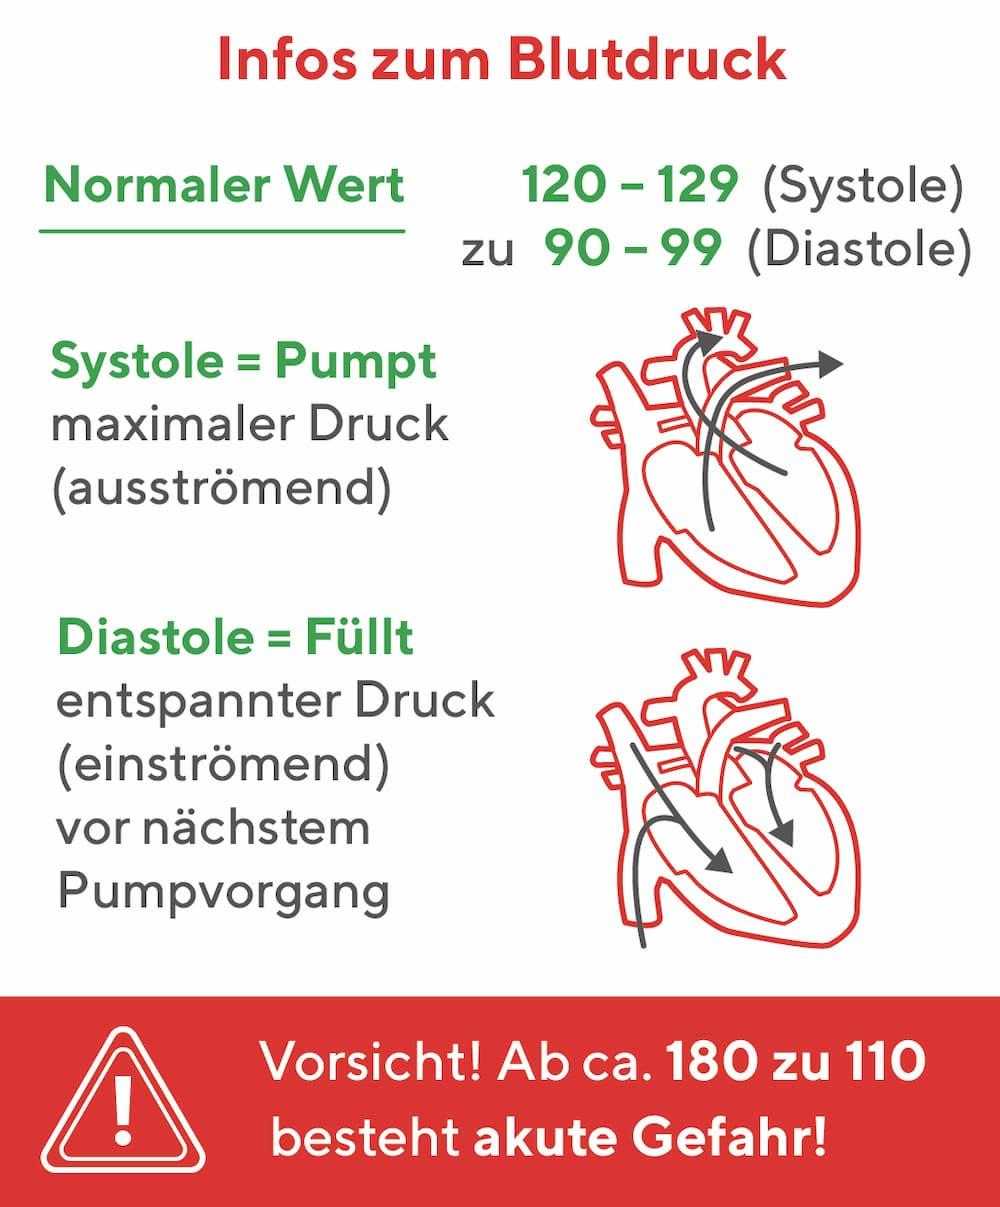 Infos zum Blutdruck